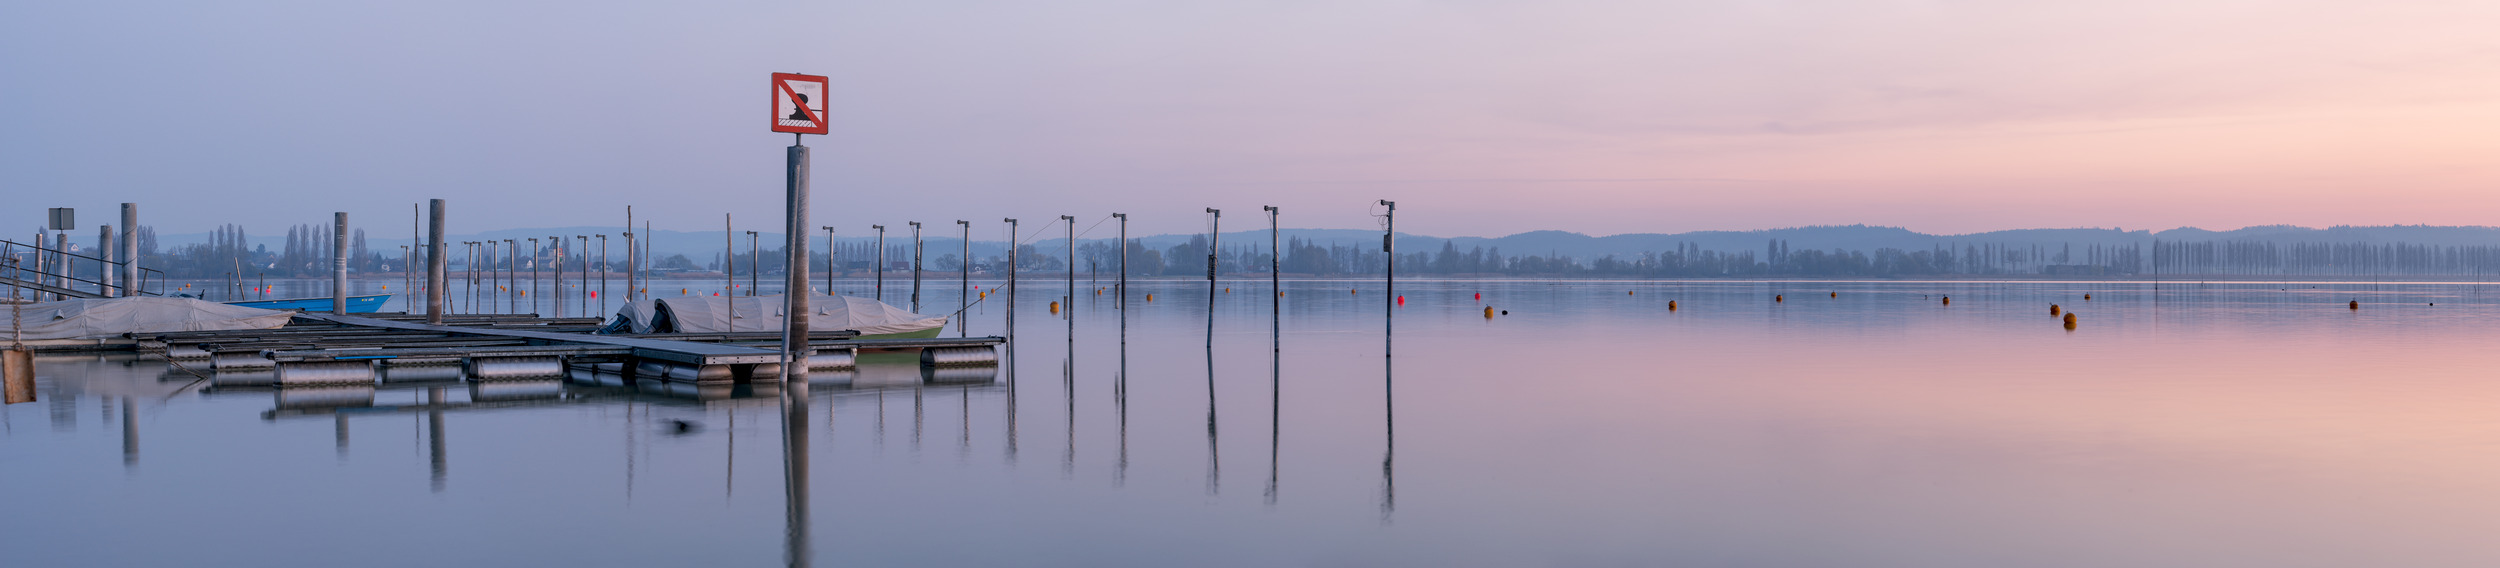 FISCHERHAFEN ERMATINGEN - Schöne Landschaft Bilder kaufen   Stimmungs Foto als Fineart by Stefan Somogyi Fotografie